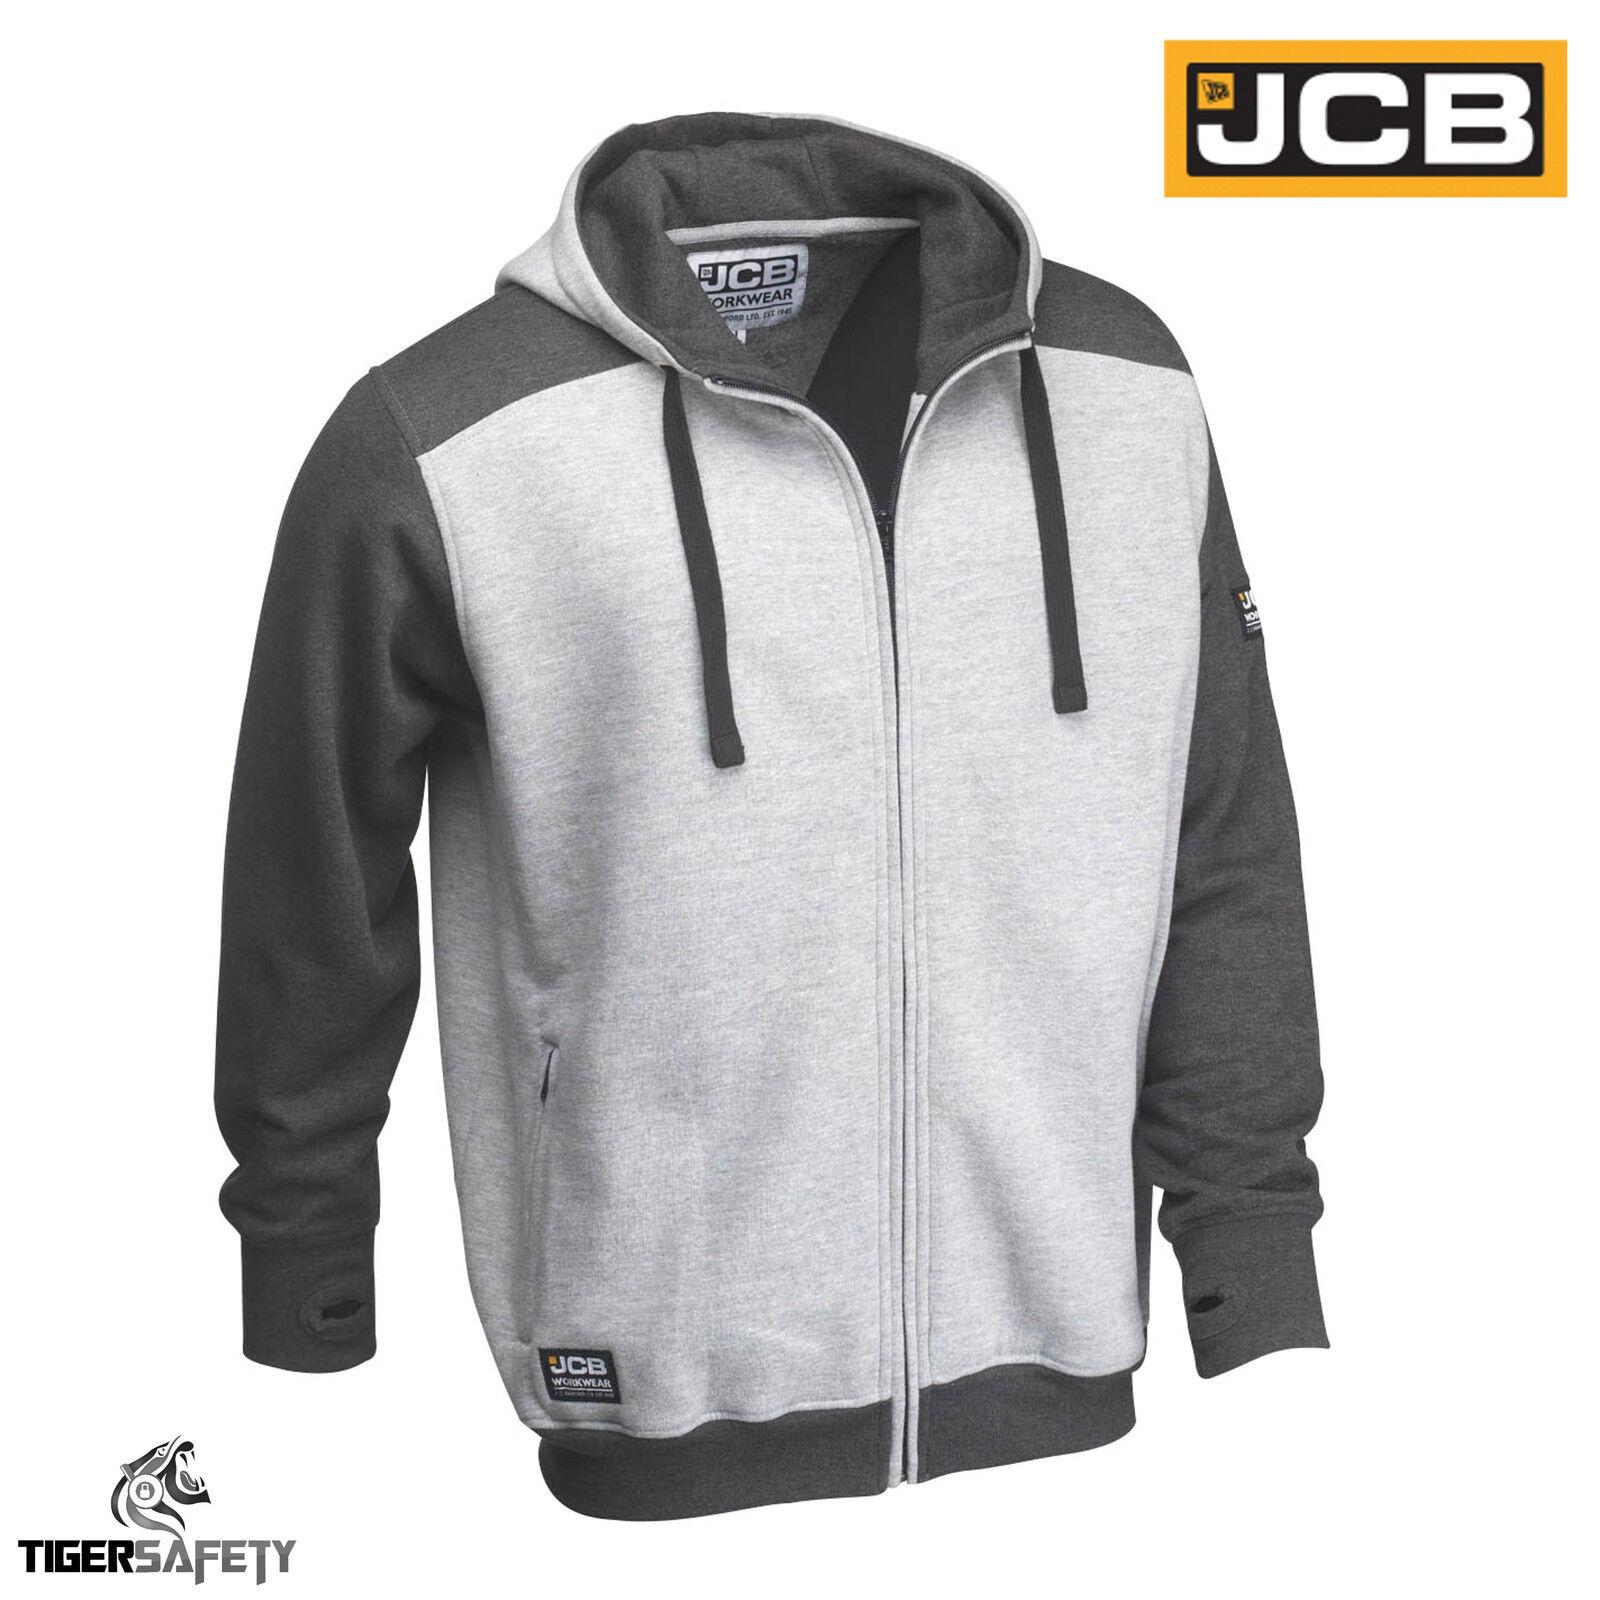 JCB Trade Two-Tone Grey Hooded Top Hoodie Sweatshirt Workwear Work Top Hoody